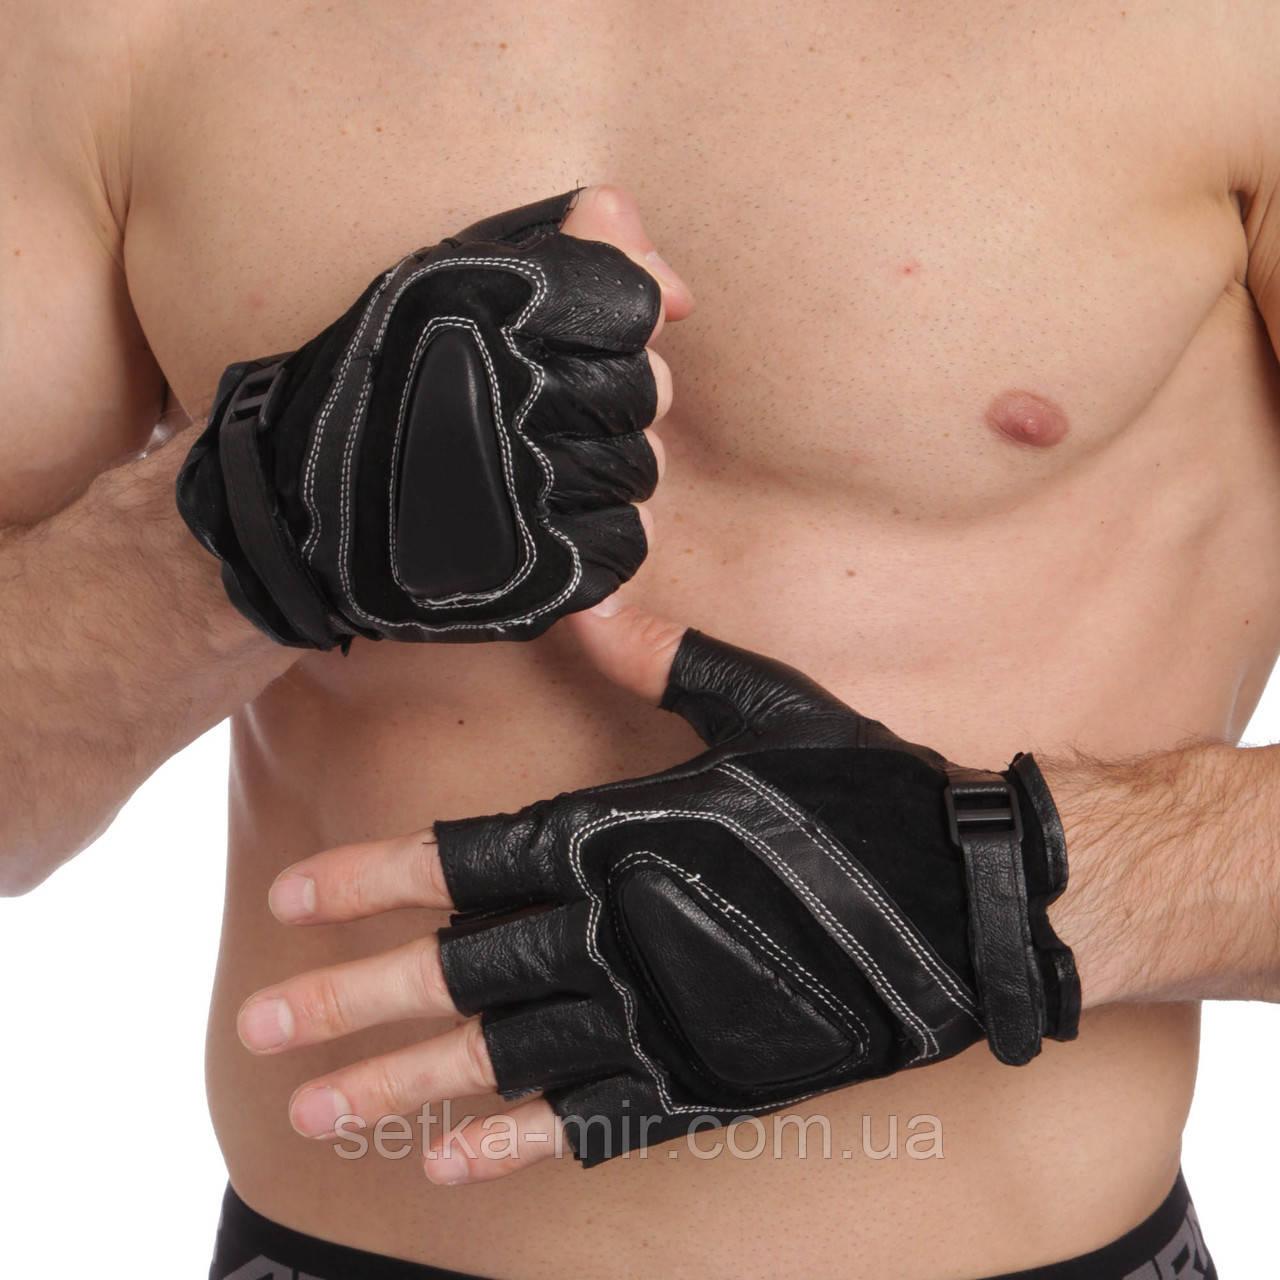 Перчатки спортивные многоцелевые BC-169 (кожа)